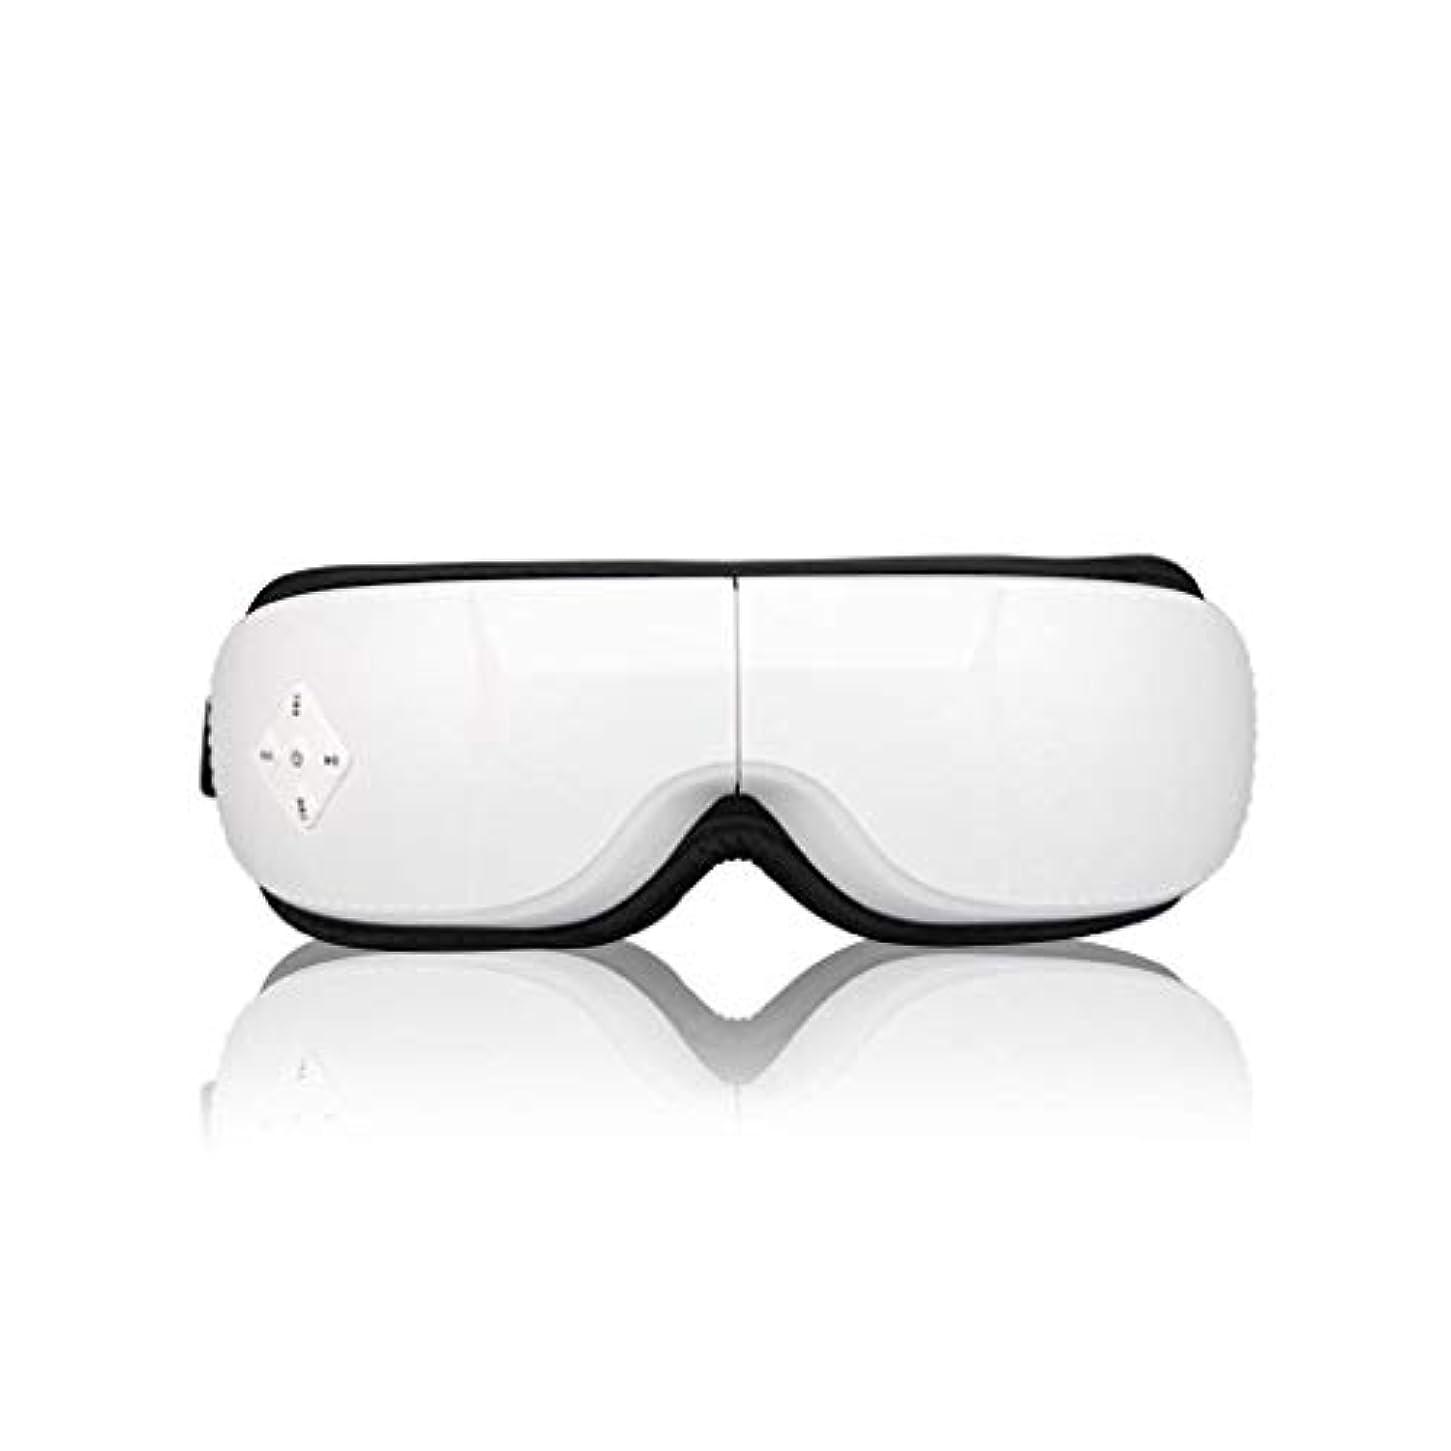 平等平和的達成電動アイマスク、アイマッサージャー、折りたたみ式USB充電式スマートデコンプレッションマシン、ワイヤレスBluetoothポータブル、目の疲れを和らげる、ダークサークル、アイバッグ、美容機器